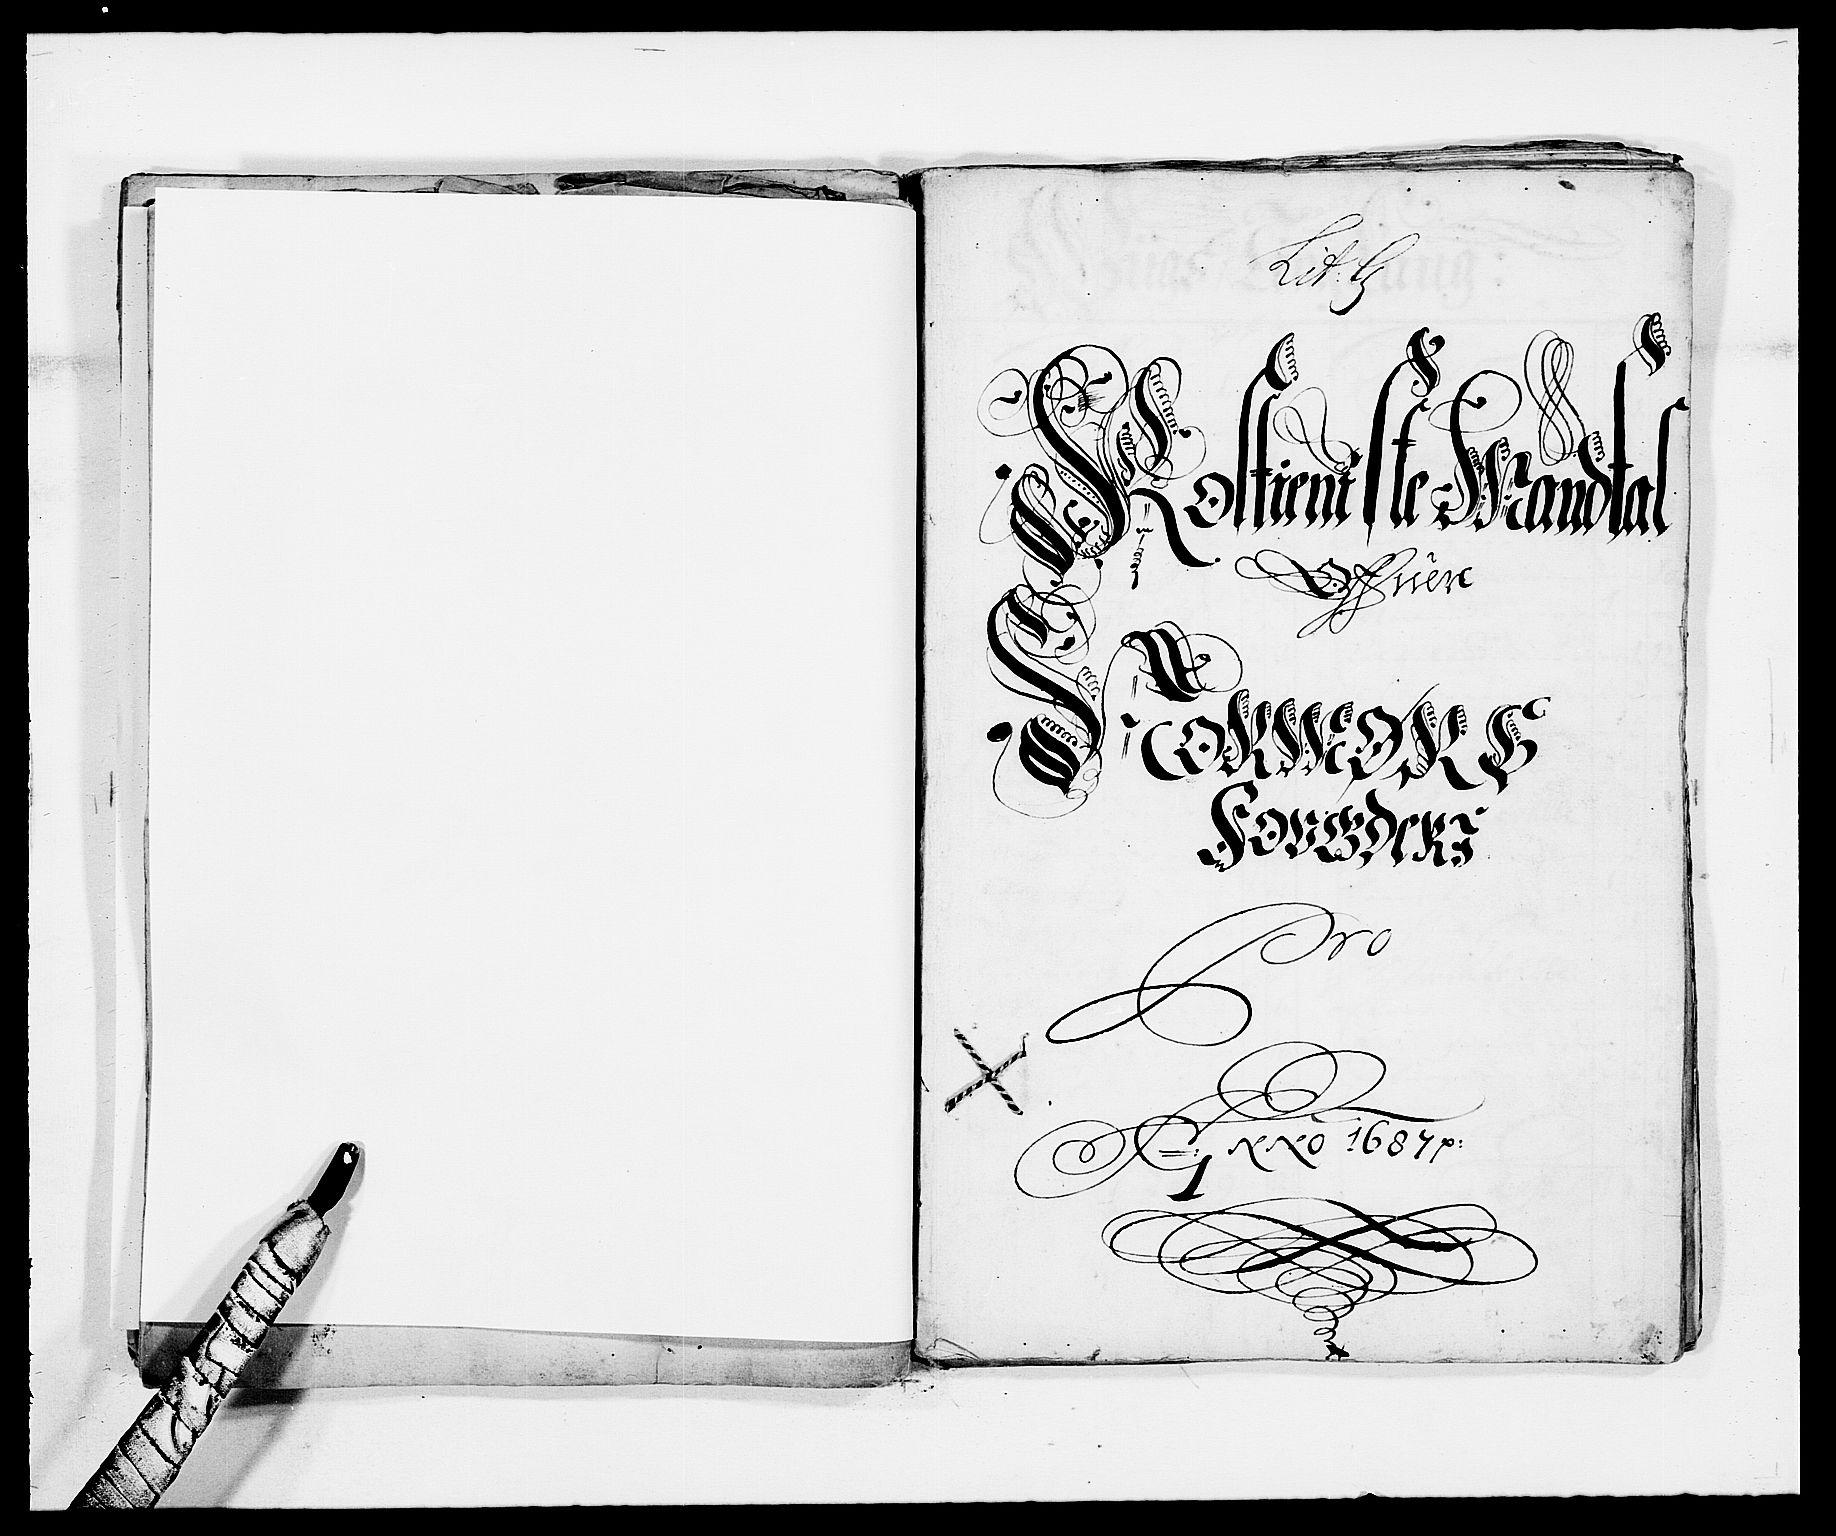 RA, Rentekammeret inntil 1814, Reviderte regnskaper, Fogderegnskap, R56/L3733: Fogderegnskap Nordmøre, 1687-1689, s. 61